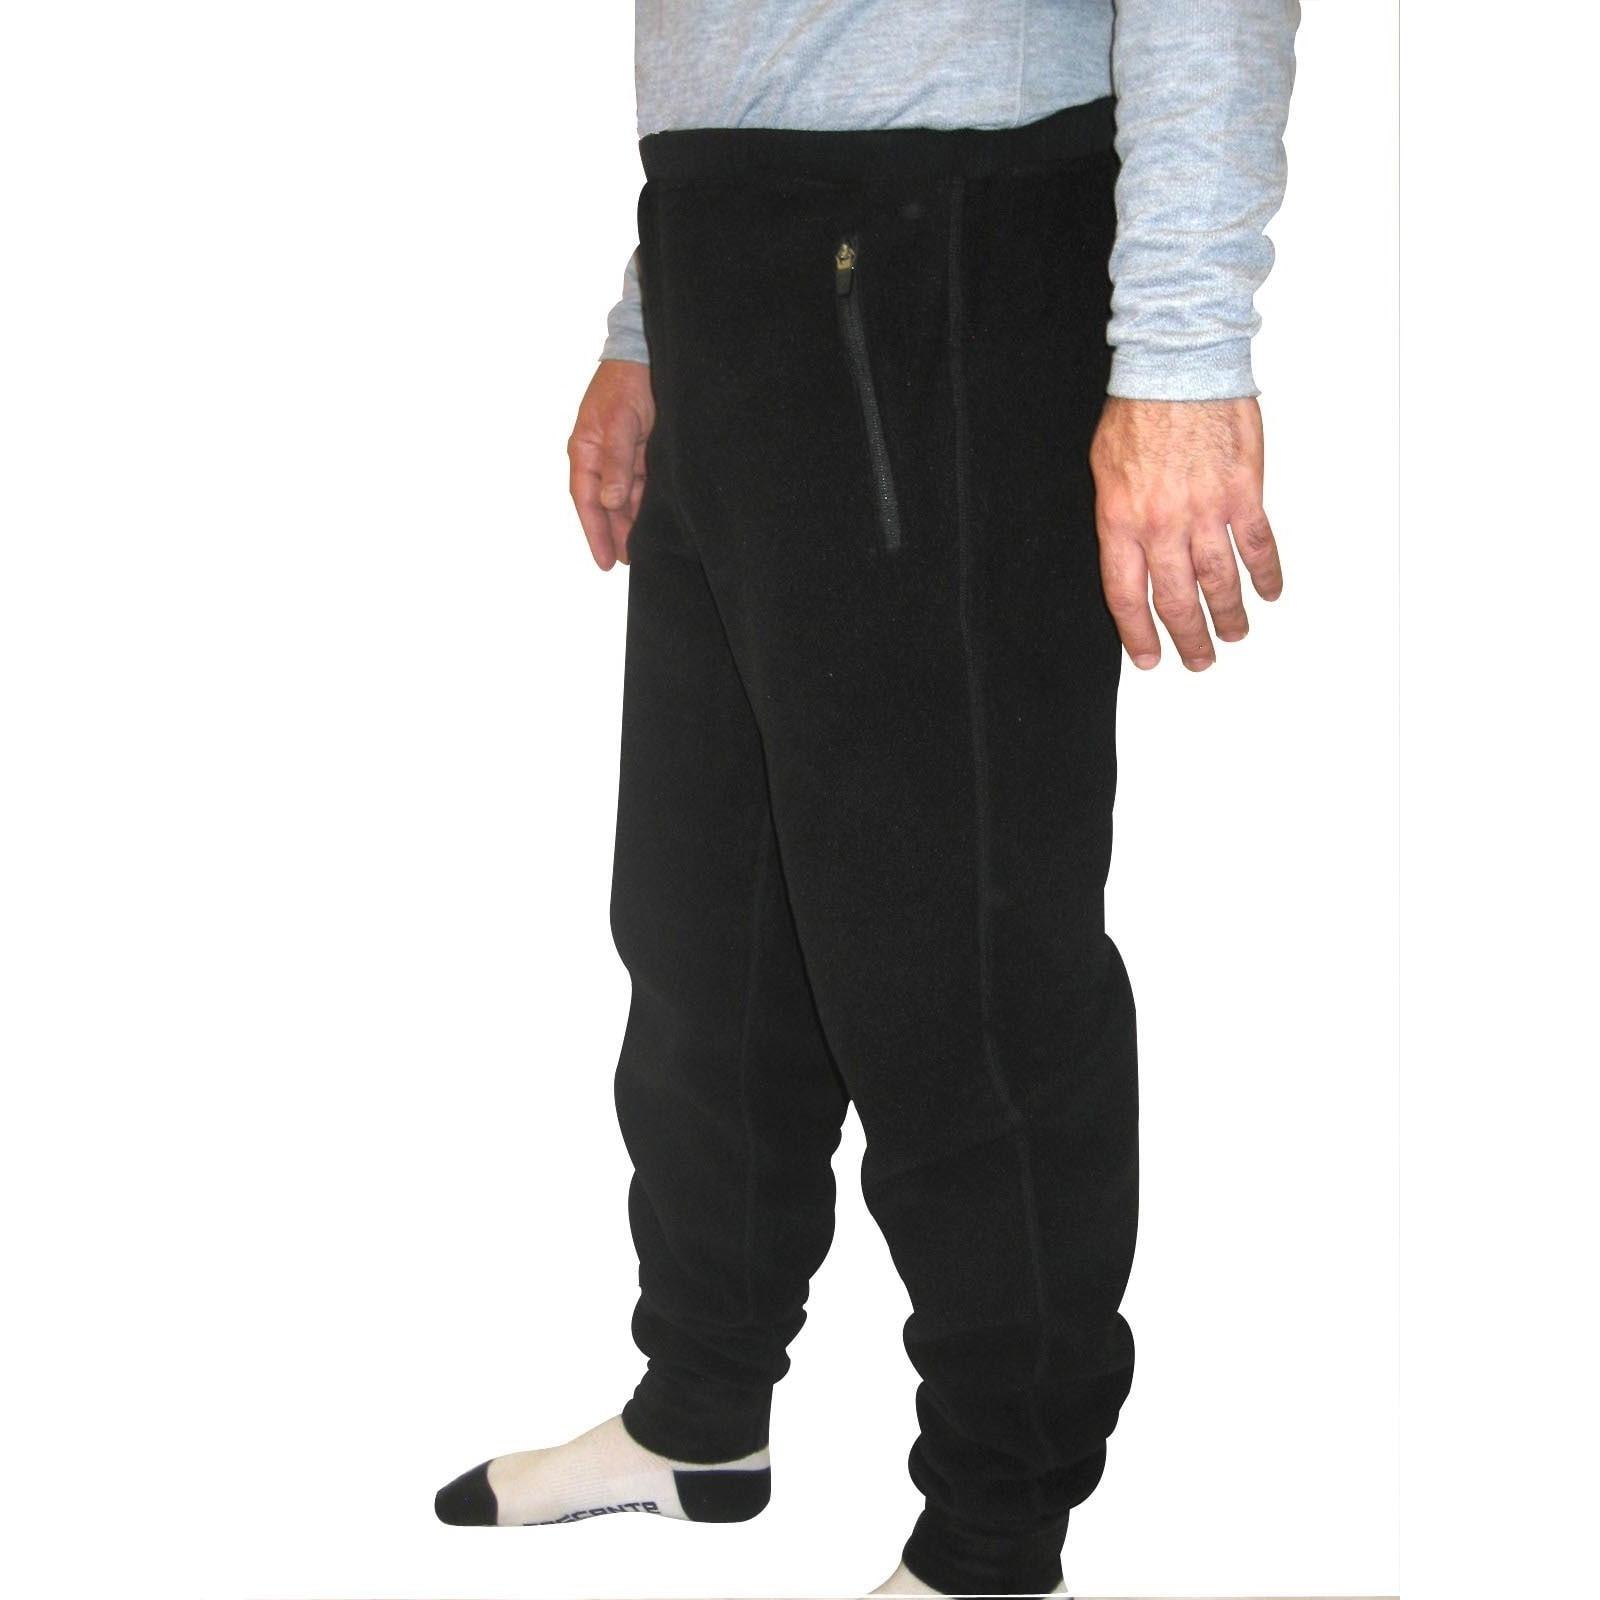 6e41ce8e7 Spiral Men's Polartec 200 Fleece Pants (34-inch Inseam)